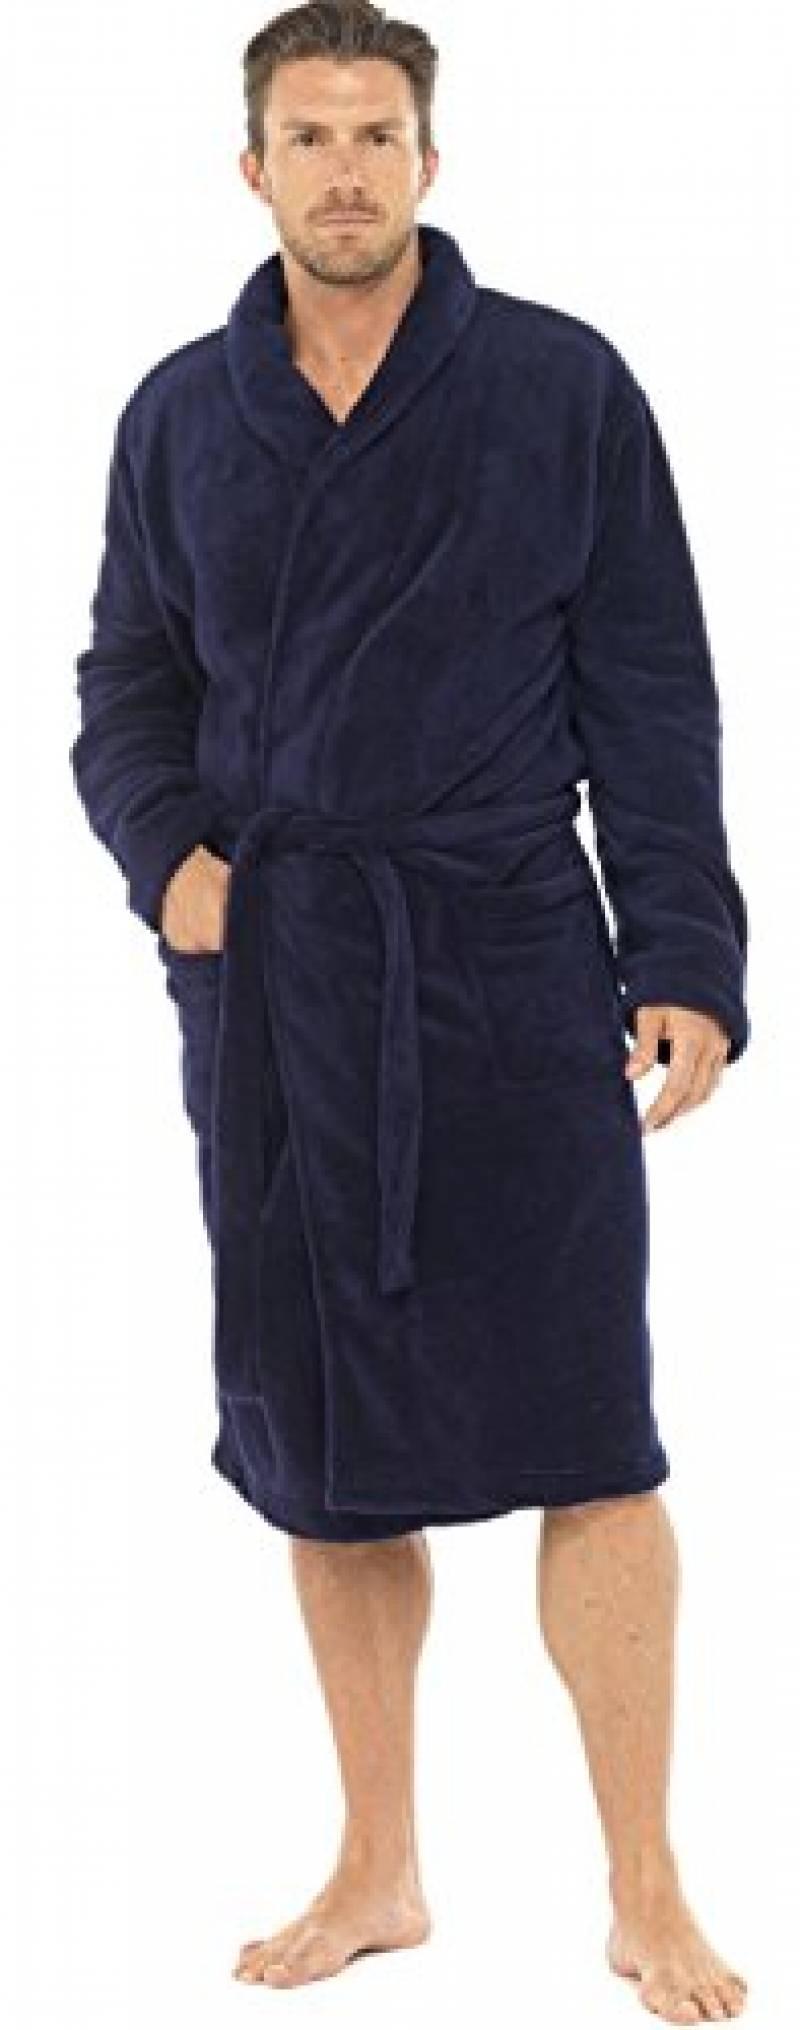 RAIKOU Peignoir Femme Doux en Microfibre Peignoir Robe de Chambre en Polaire Femme Chaud Manches Longues Doux Peignoir de Bain avec Poches et Ceinture